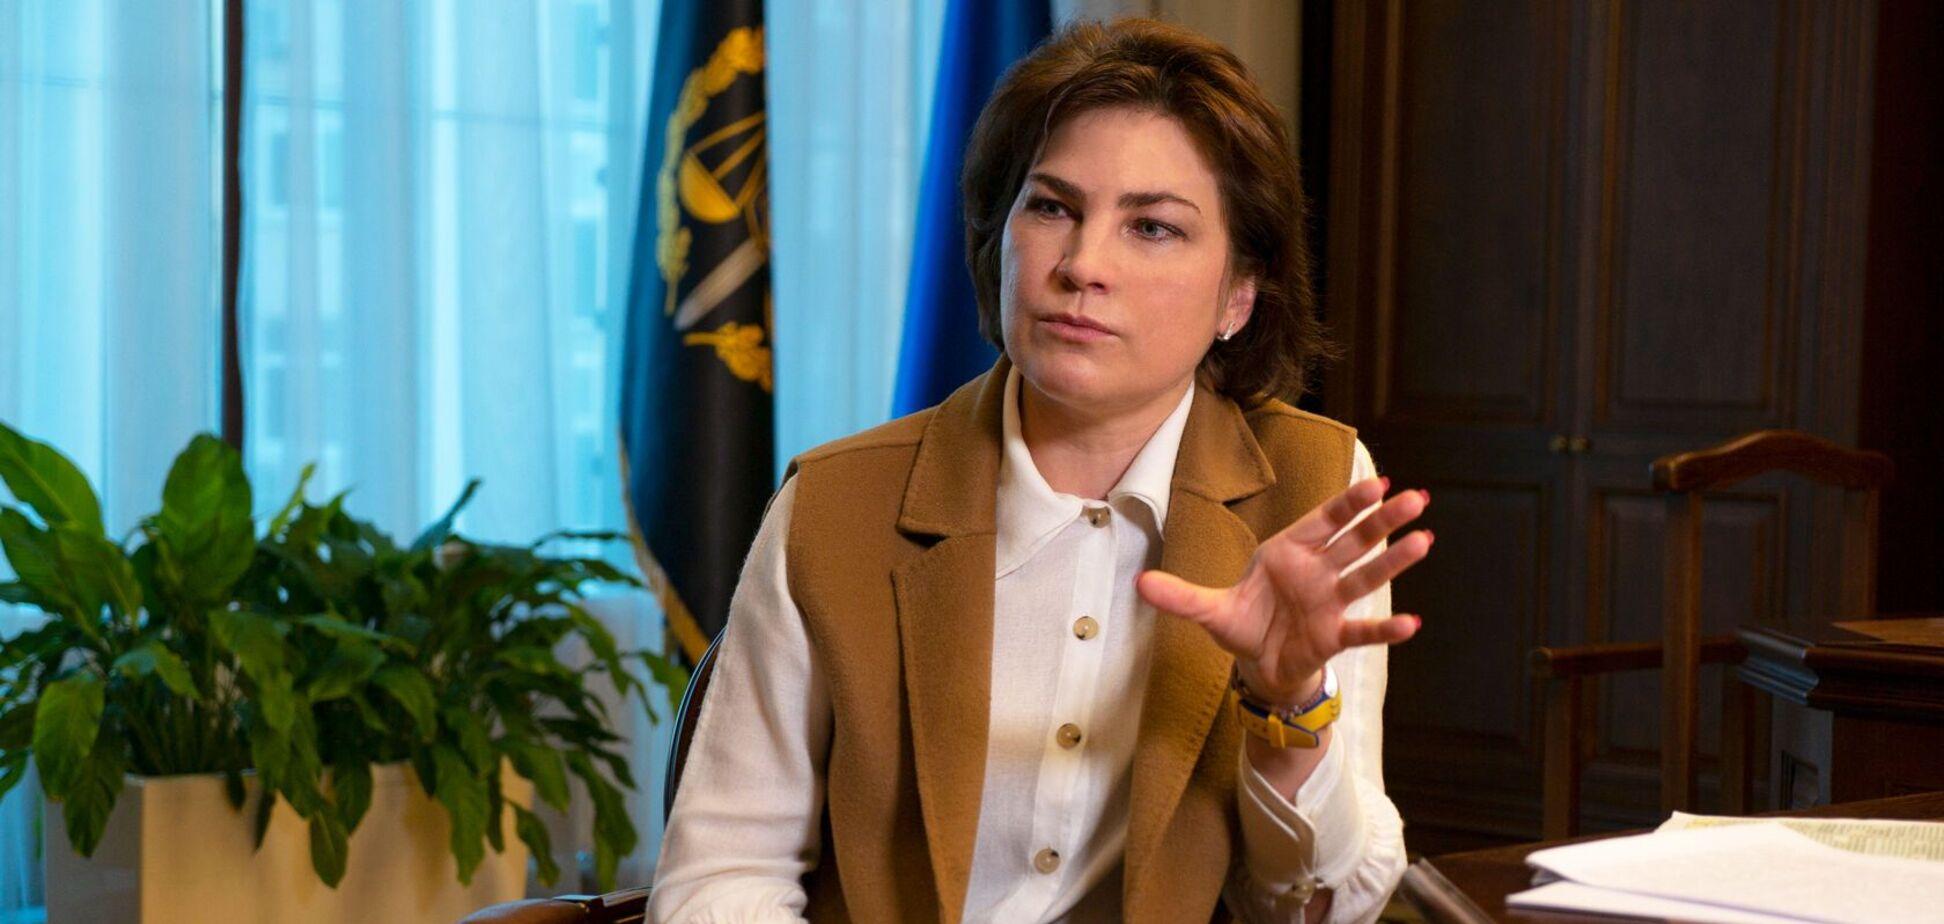 Венедиктова рассказала об успешной работе спецпрокуратур в оборонной сфере: тысячи дел, сотни приговоров